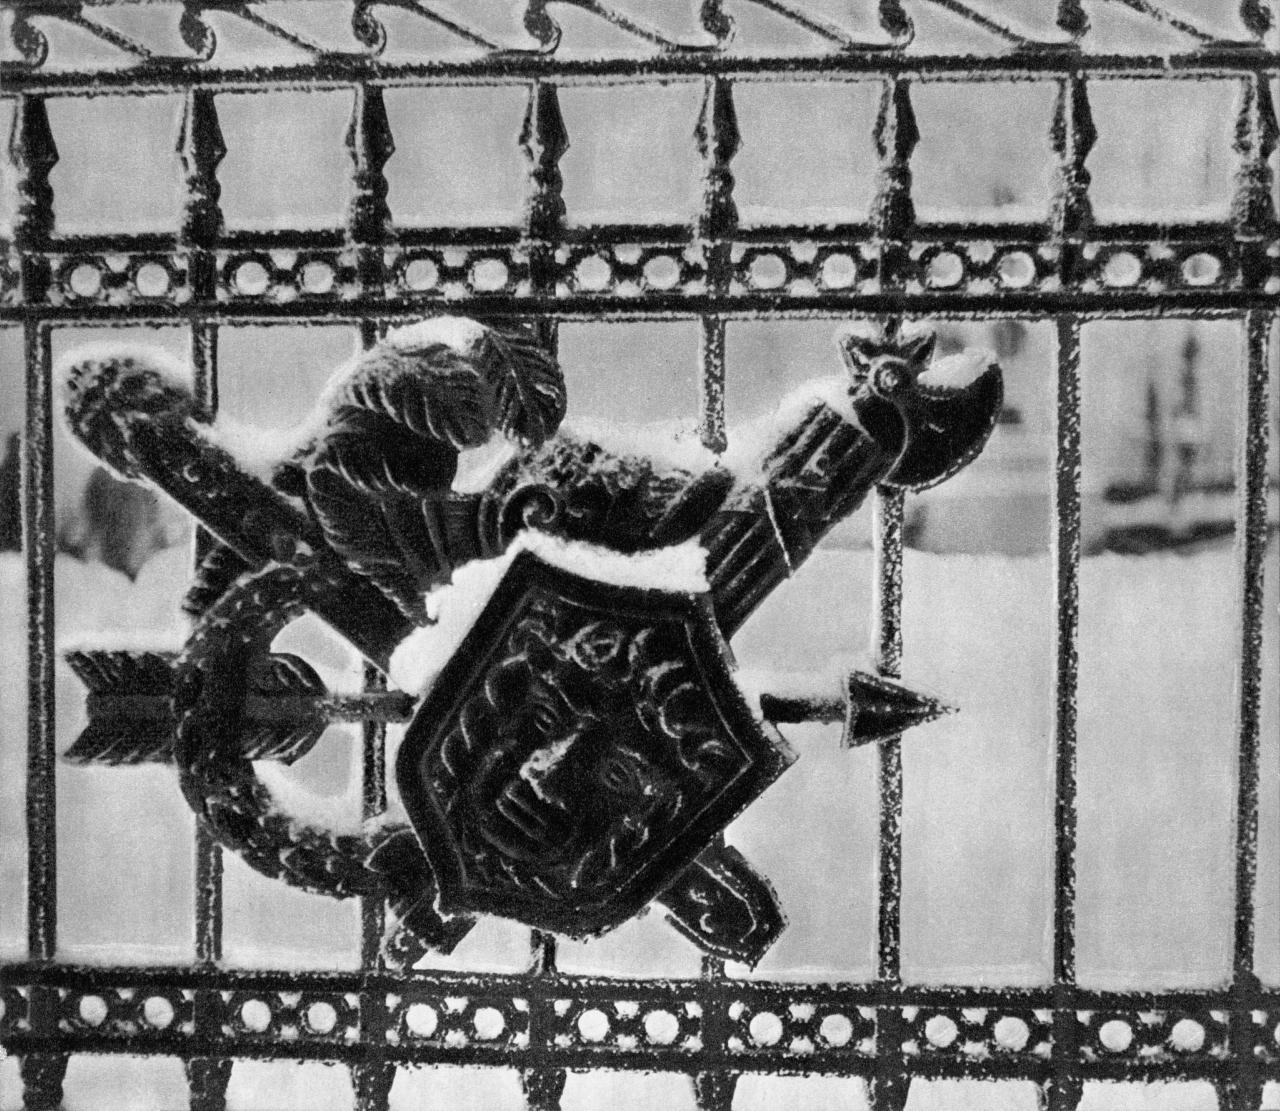 Фрагмент перильной решетки Второго Садового моста / Fragment of the railings of Second Garden Bridge